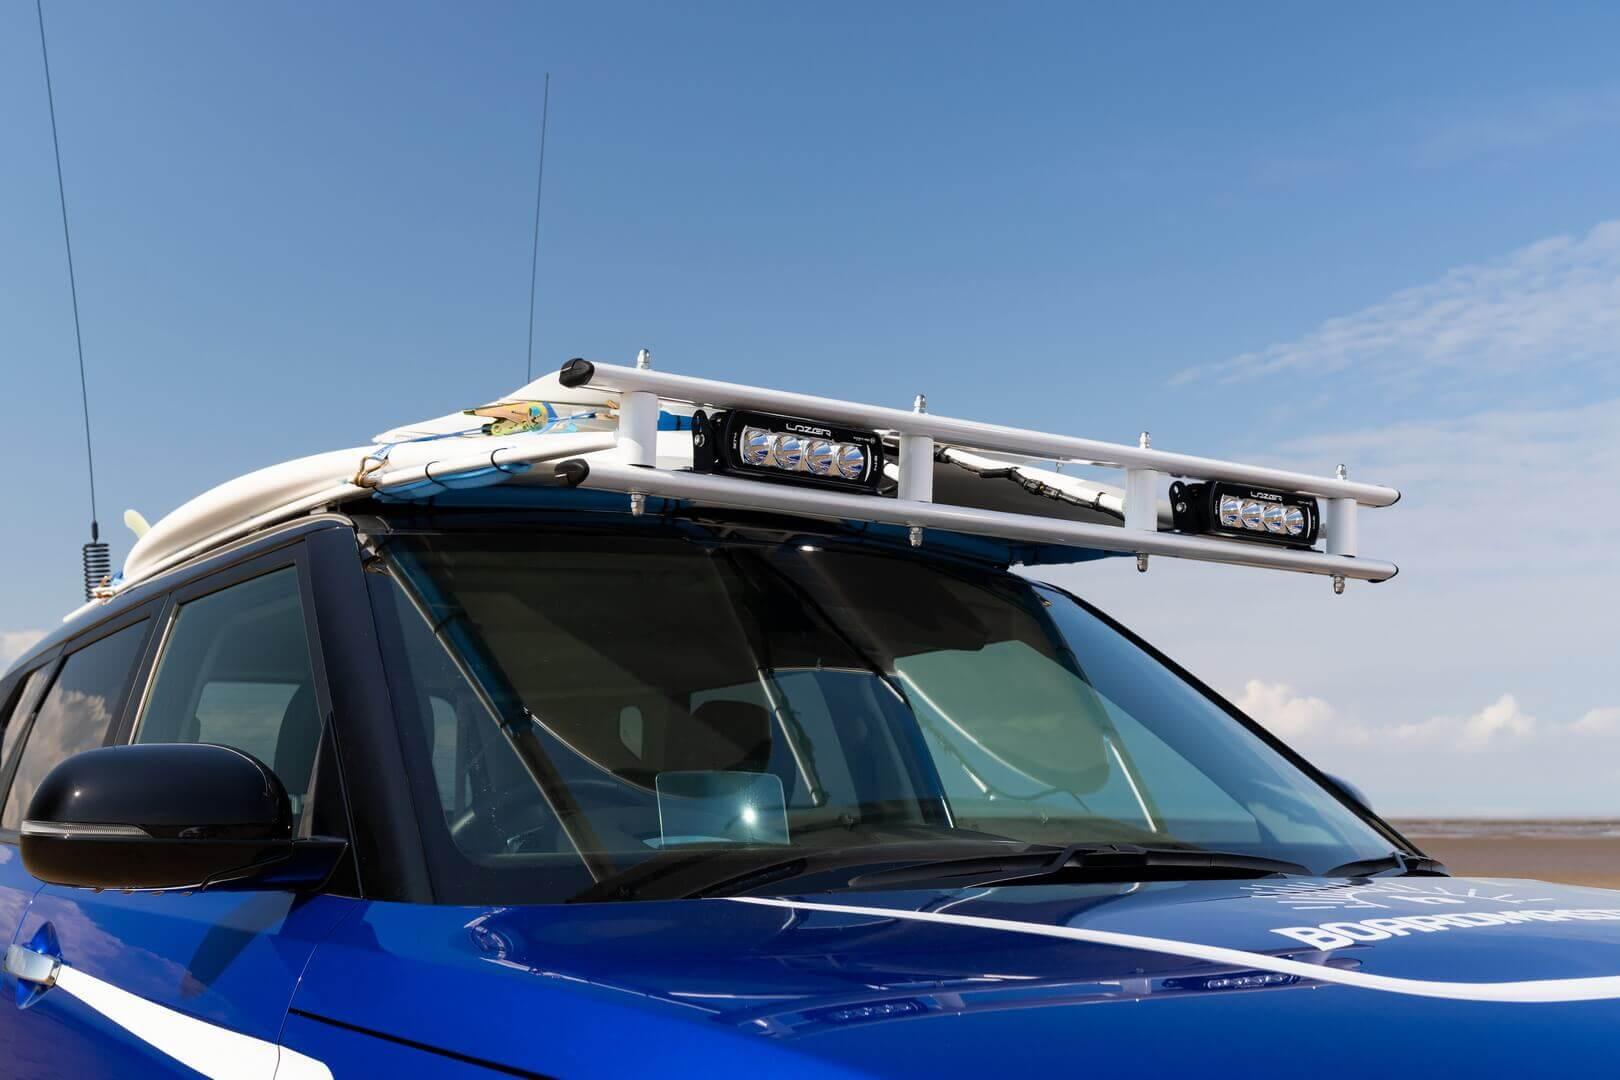 Стальной багажник на крыше, чтобы в нем можно было разместить пару досок для серфинга